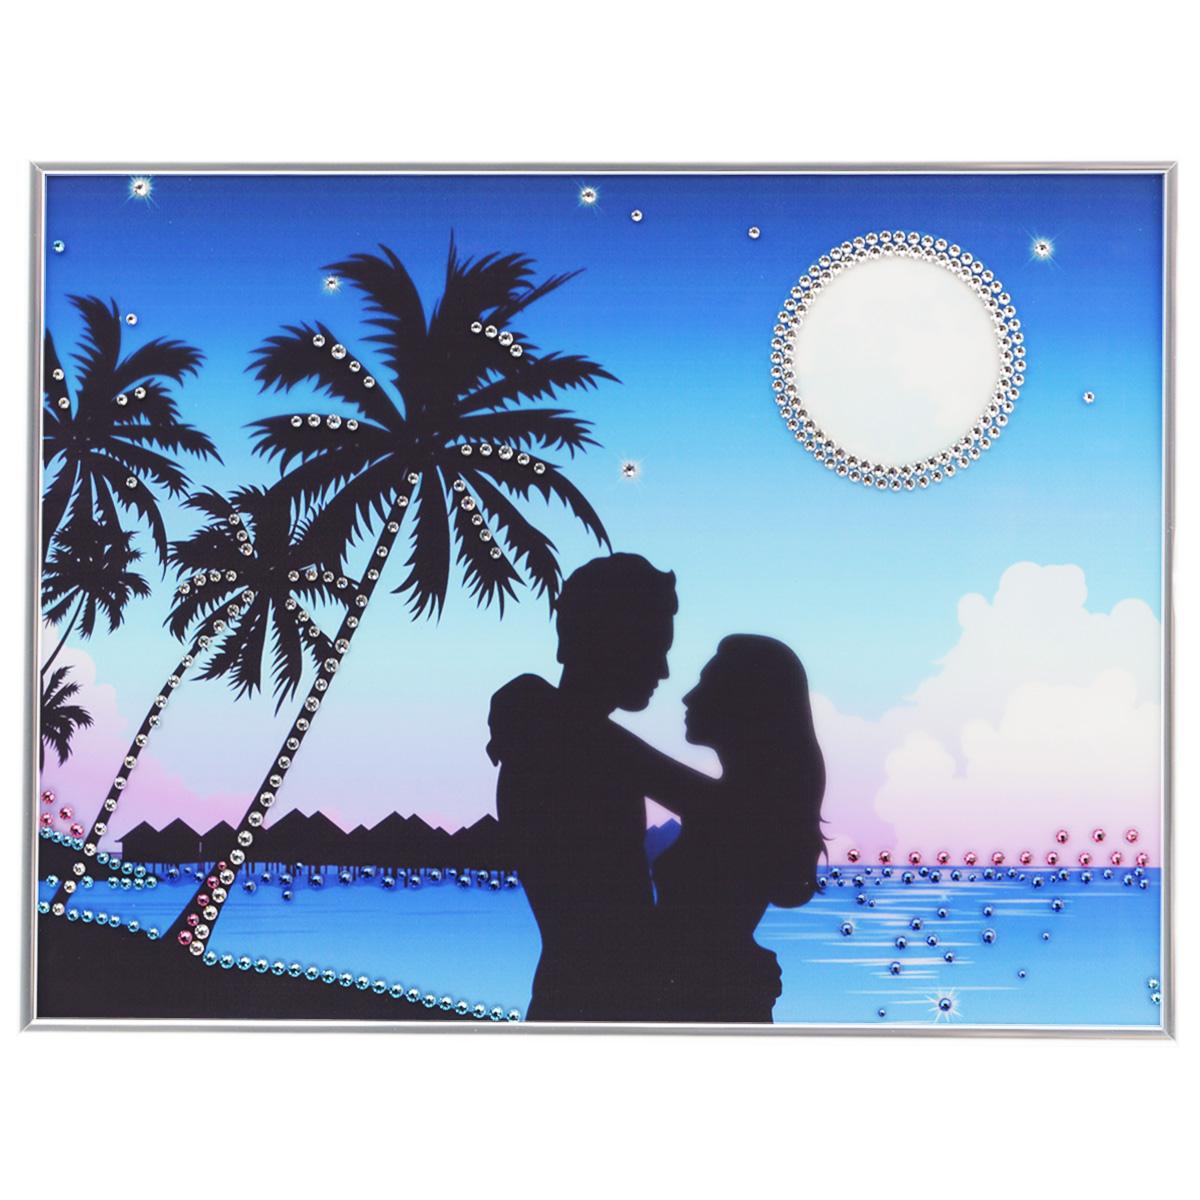 Картина с кристаллами Swarovski Вечерний бриз, 40 х 30 см1069Изящная картина в металлической раме, инкрустирована кристаллами Swarovski, которые отличаются четкой и ровной огранкой, ярким блеском и чистотой цвета. Красочное изображение влюбленной пары на фоне моря, расположенное под стеклом, прекрасно дополняет блеск кристаллов. С обратной стороны имеется металлическая петелька для размещения картины на стене. Картина с кристаллами Swarovski Вечерний бриз элегантно украсит интерьер дома или офиса, а также станет прекрасным подарком, который обязательно понравится получателю. Блеск кристаллов в интерьере, что может быть сказочнее и удивительнее. Картина упакована в подарочную картонную коробку синего цвета и комплектуется сертификатом соответствия Swarovski.